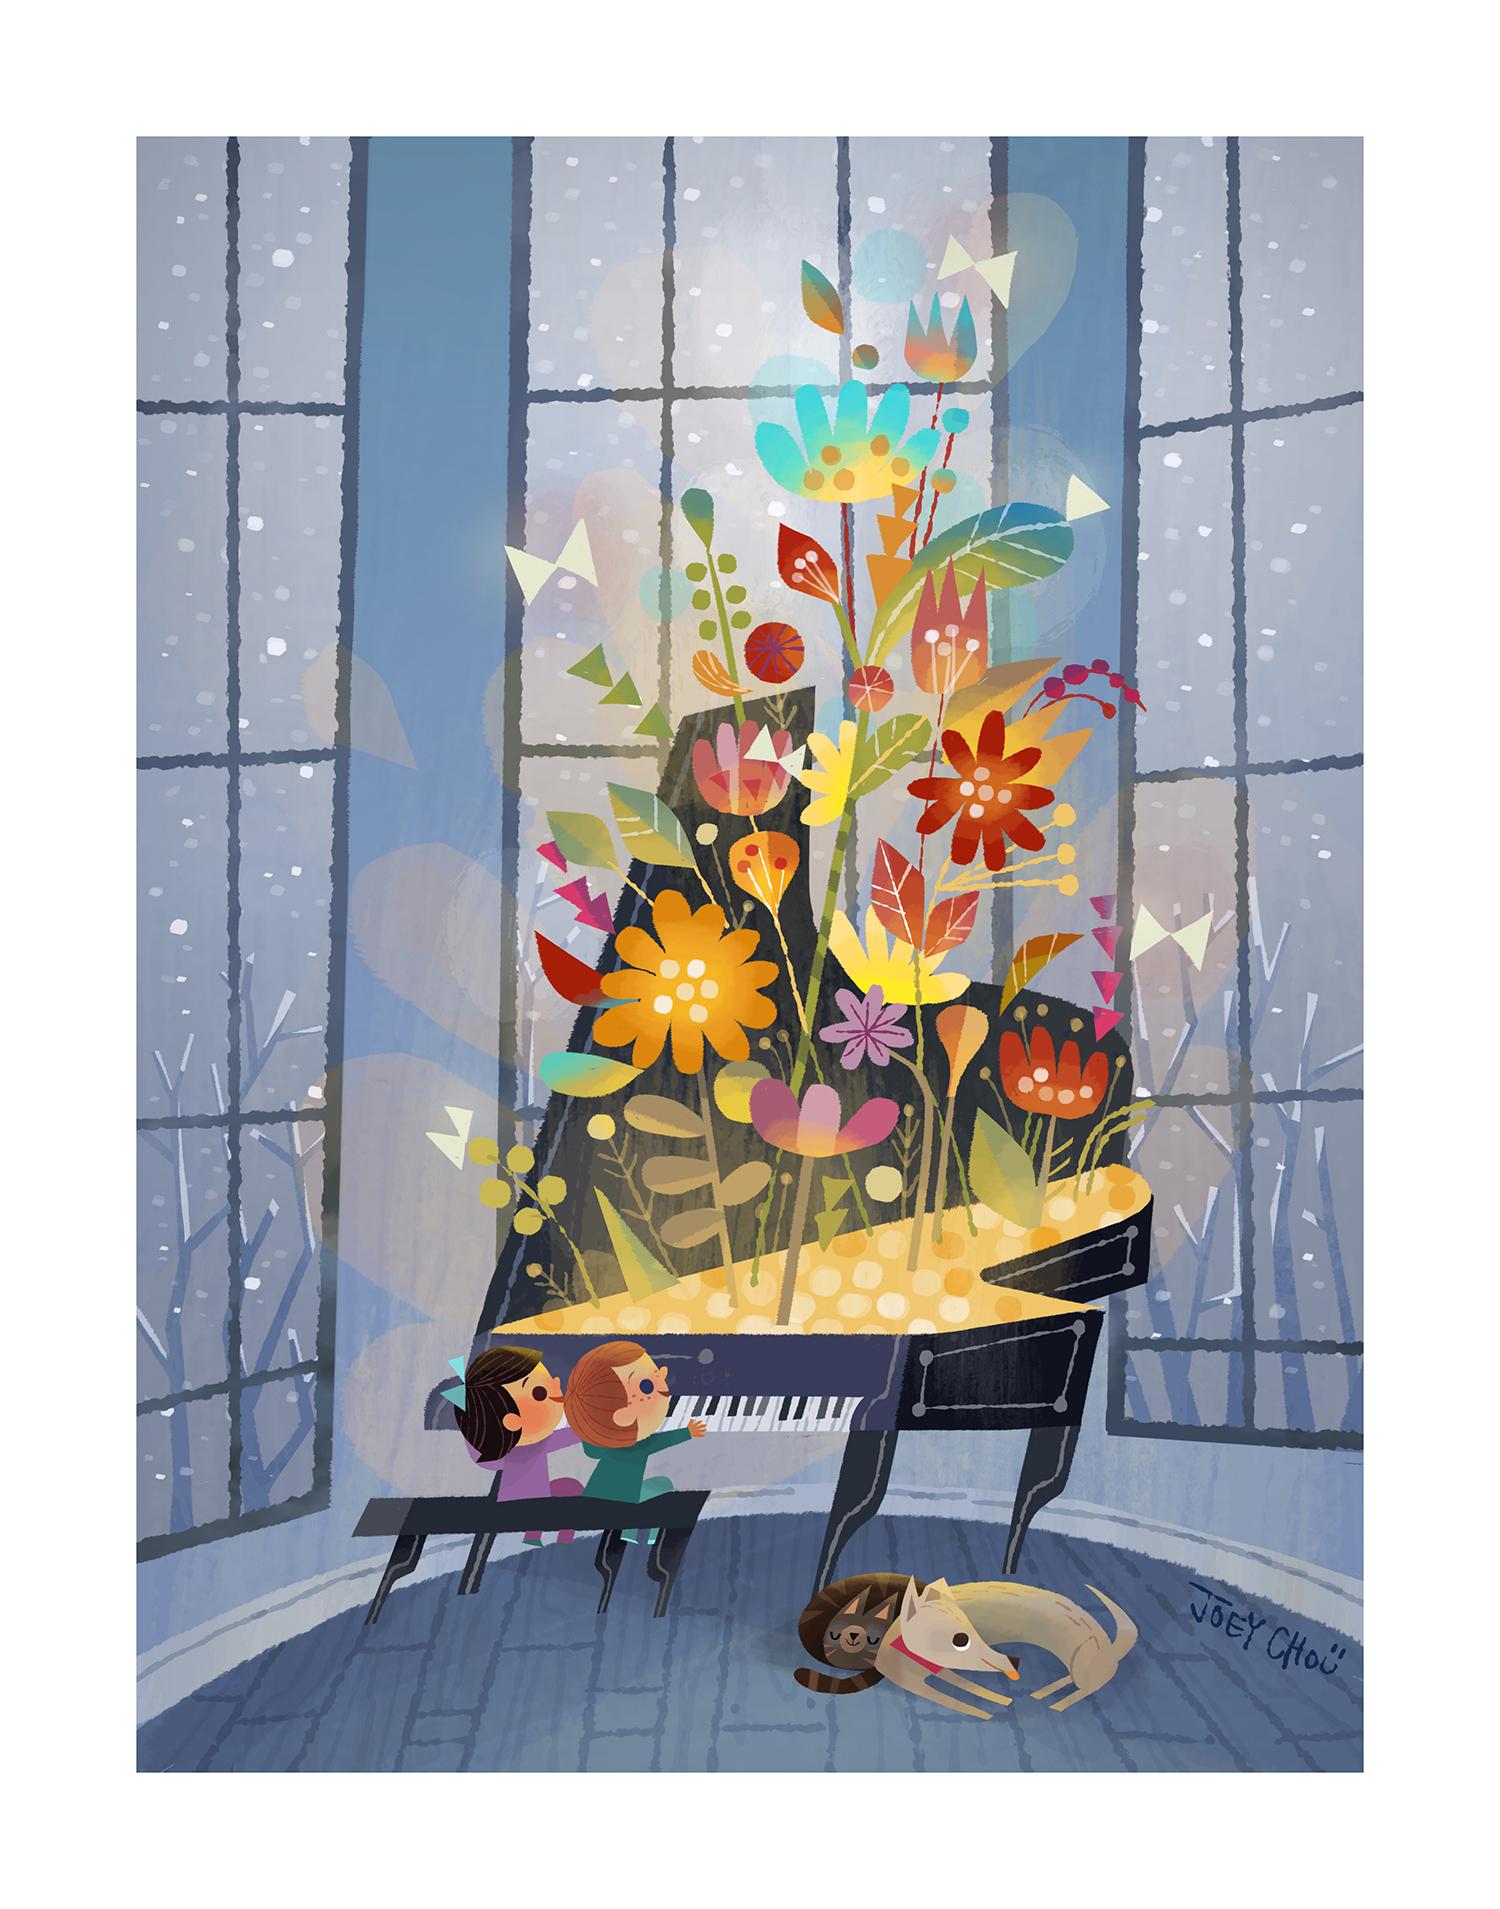 'Symphony of Spring' by Joey Chou